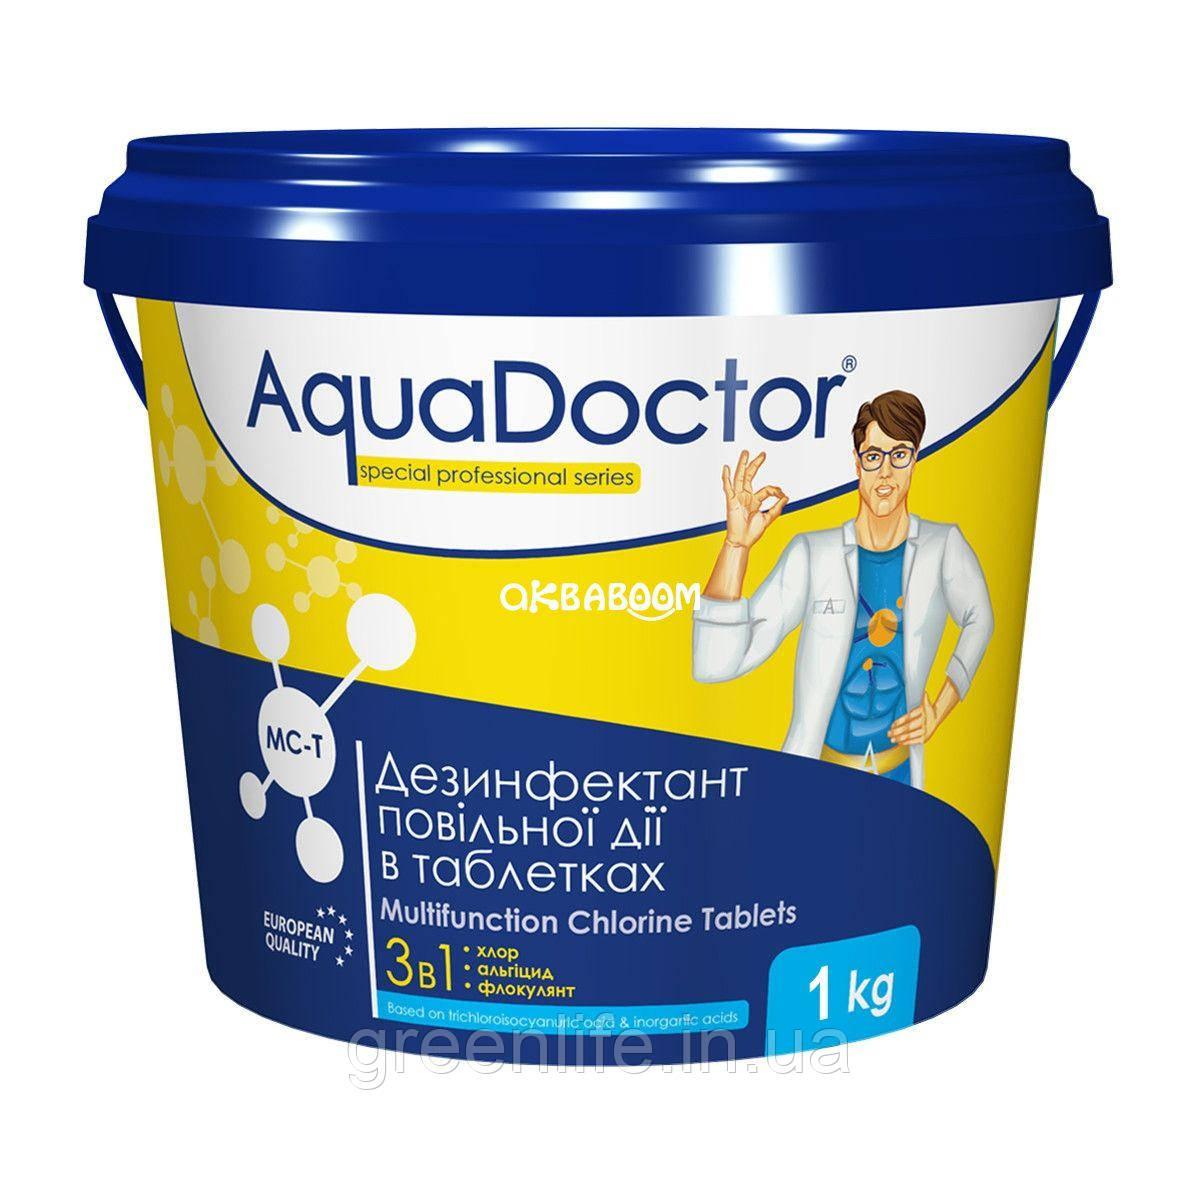 Длительный хлор 3 в 1 в таблетках Aquadoctor MC-T (1 кг), Аквадоктор, в таблетках, 1 кг